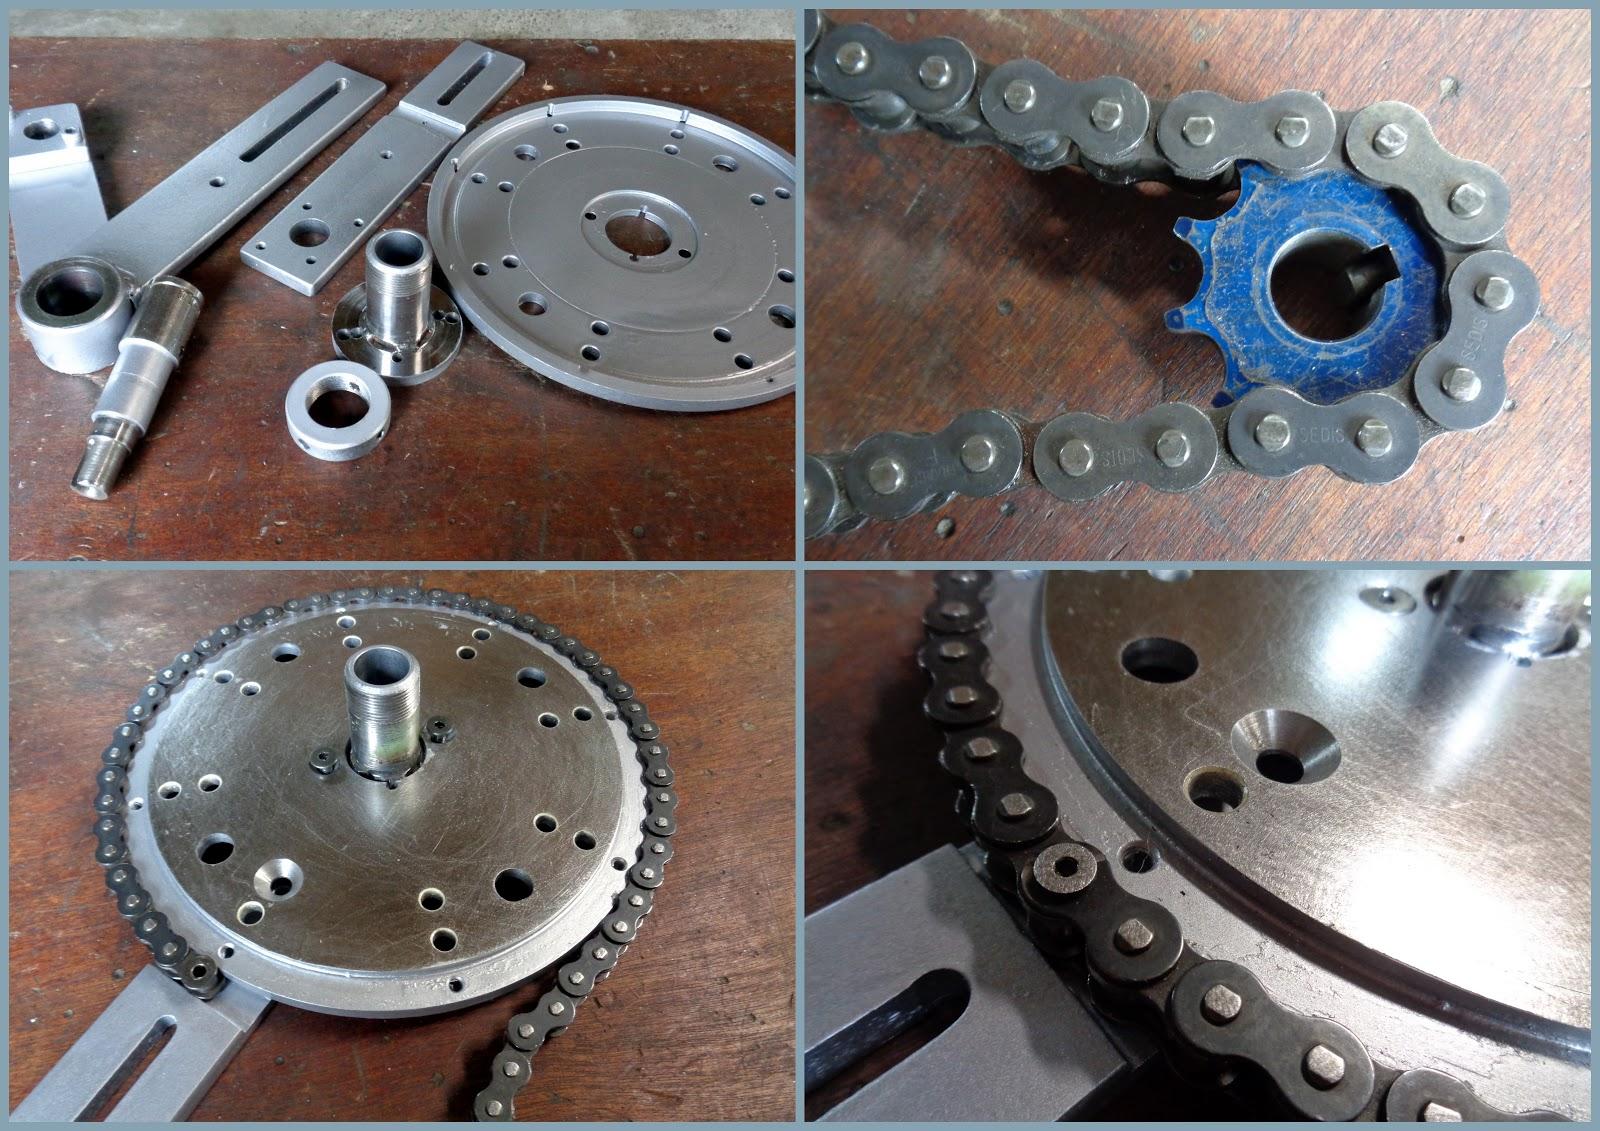 Voyages moto de jean louis changer ses pneus moto d montage montage quilibrage les - Fabriquer un demonte palette ...